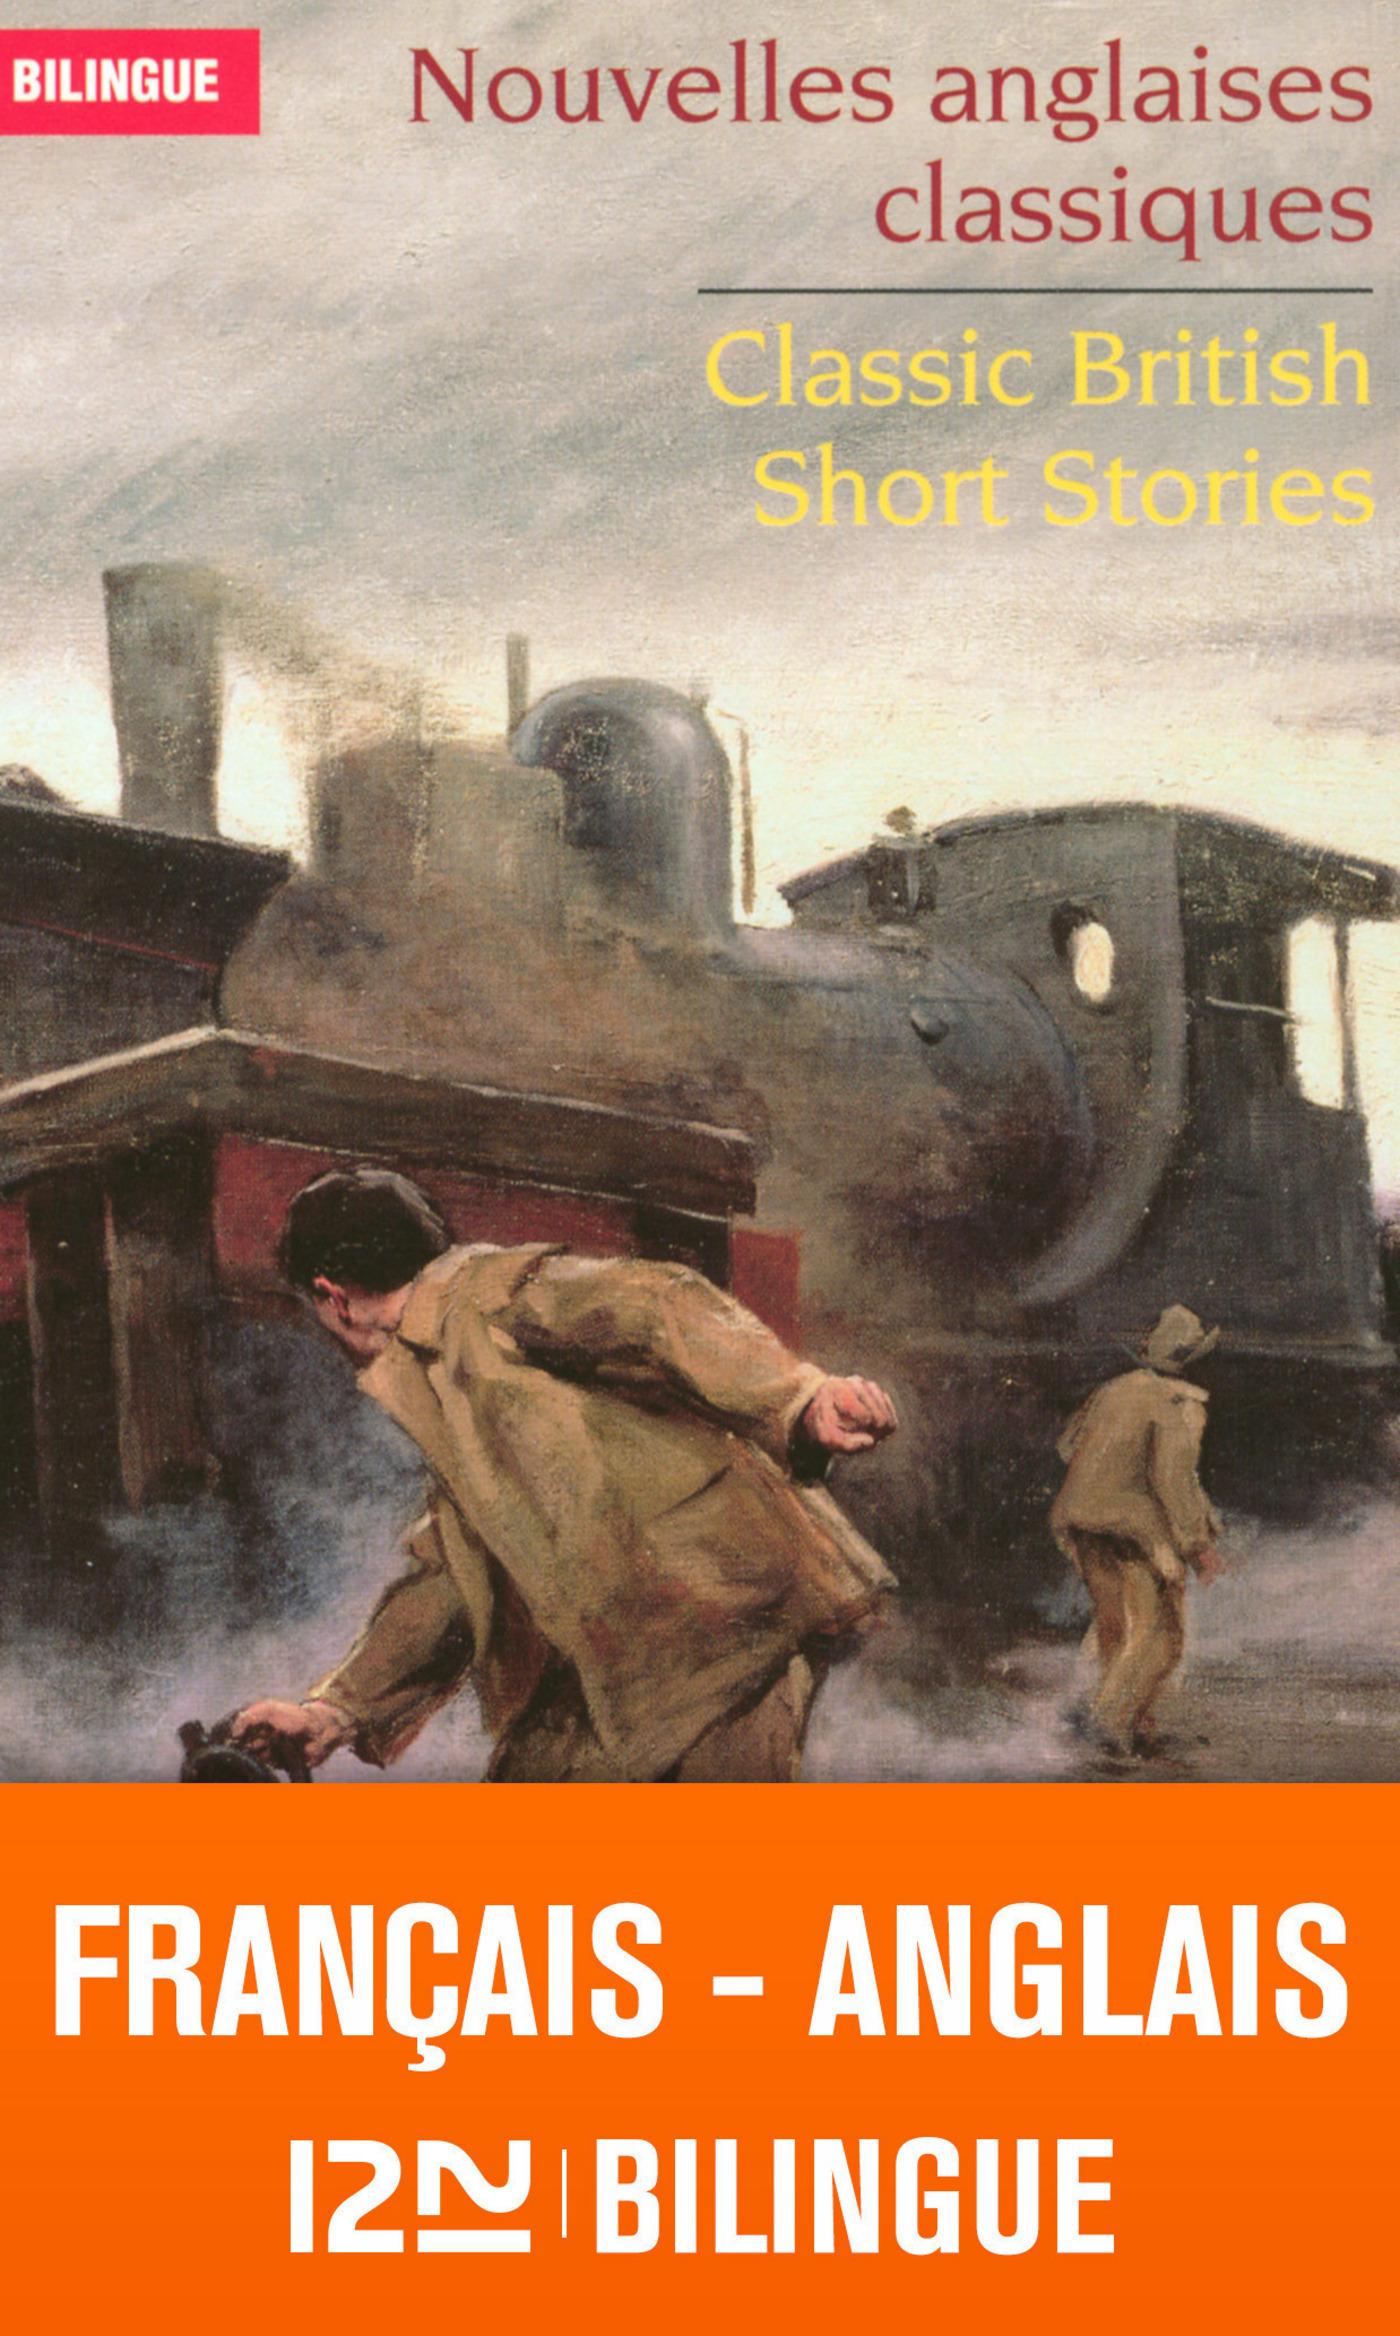 Bilingue français-anglais : Nouvelles anglaises classiques - Classic British Short Stories